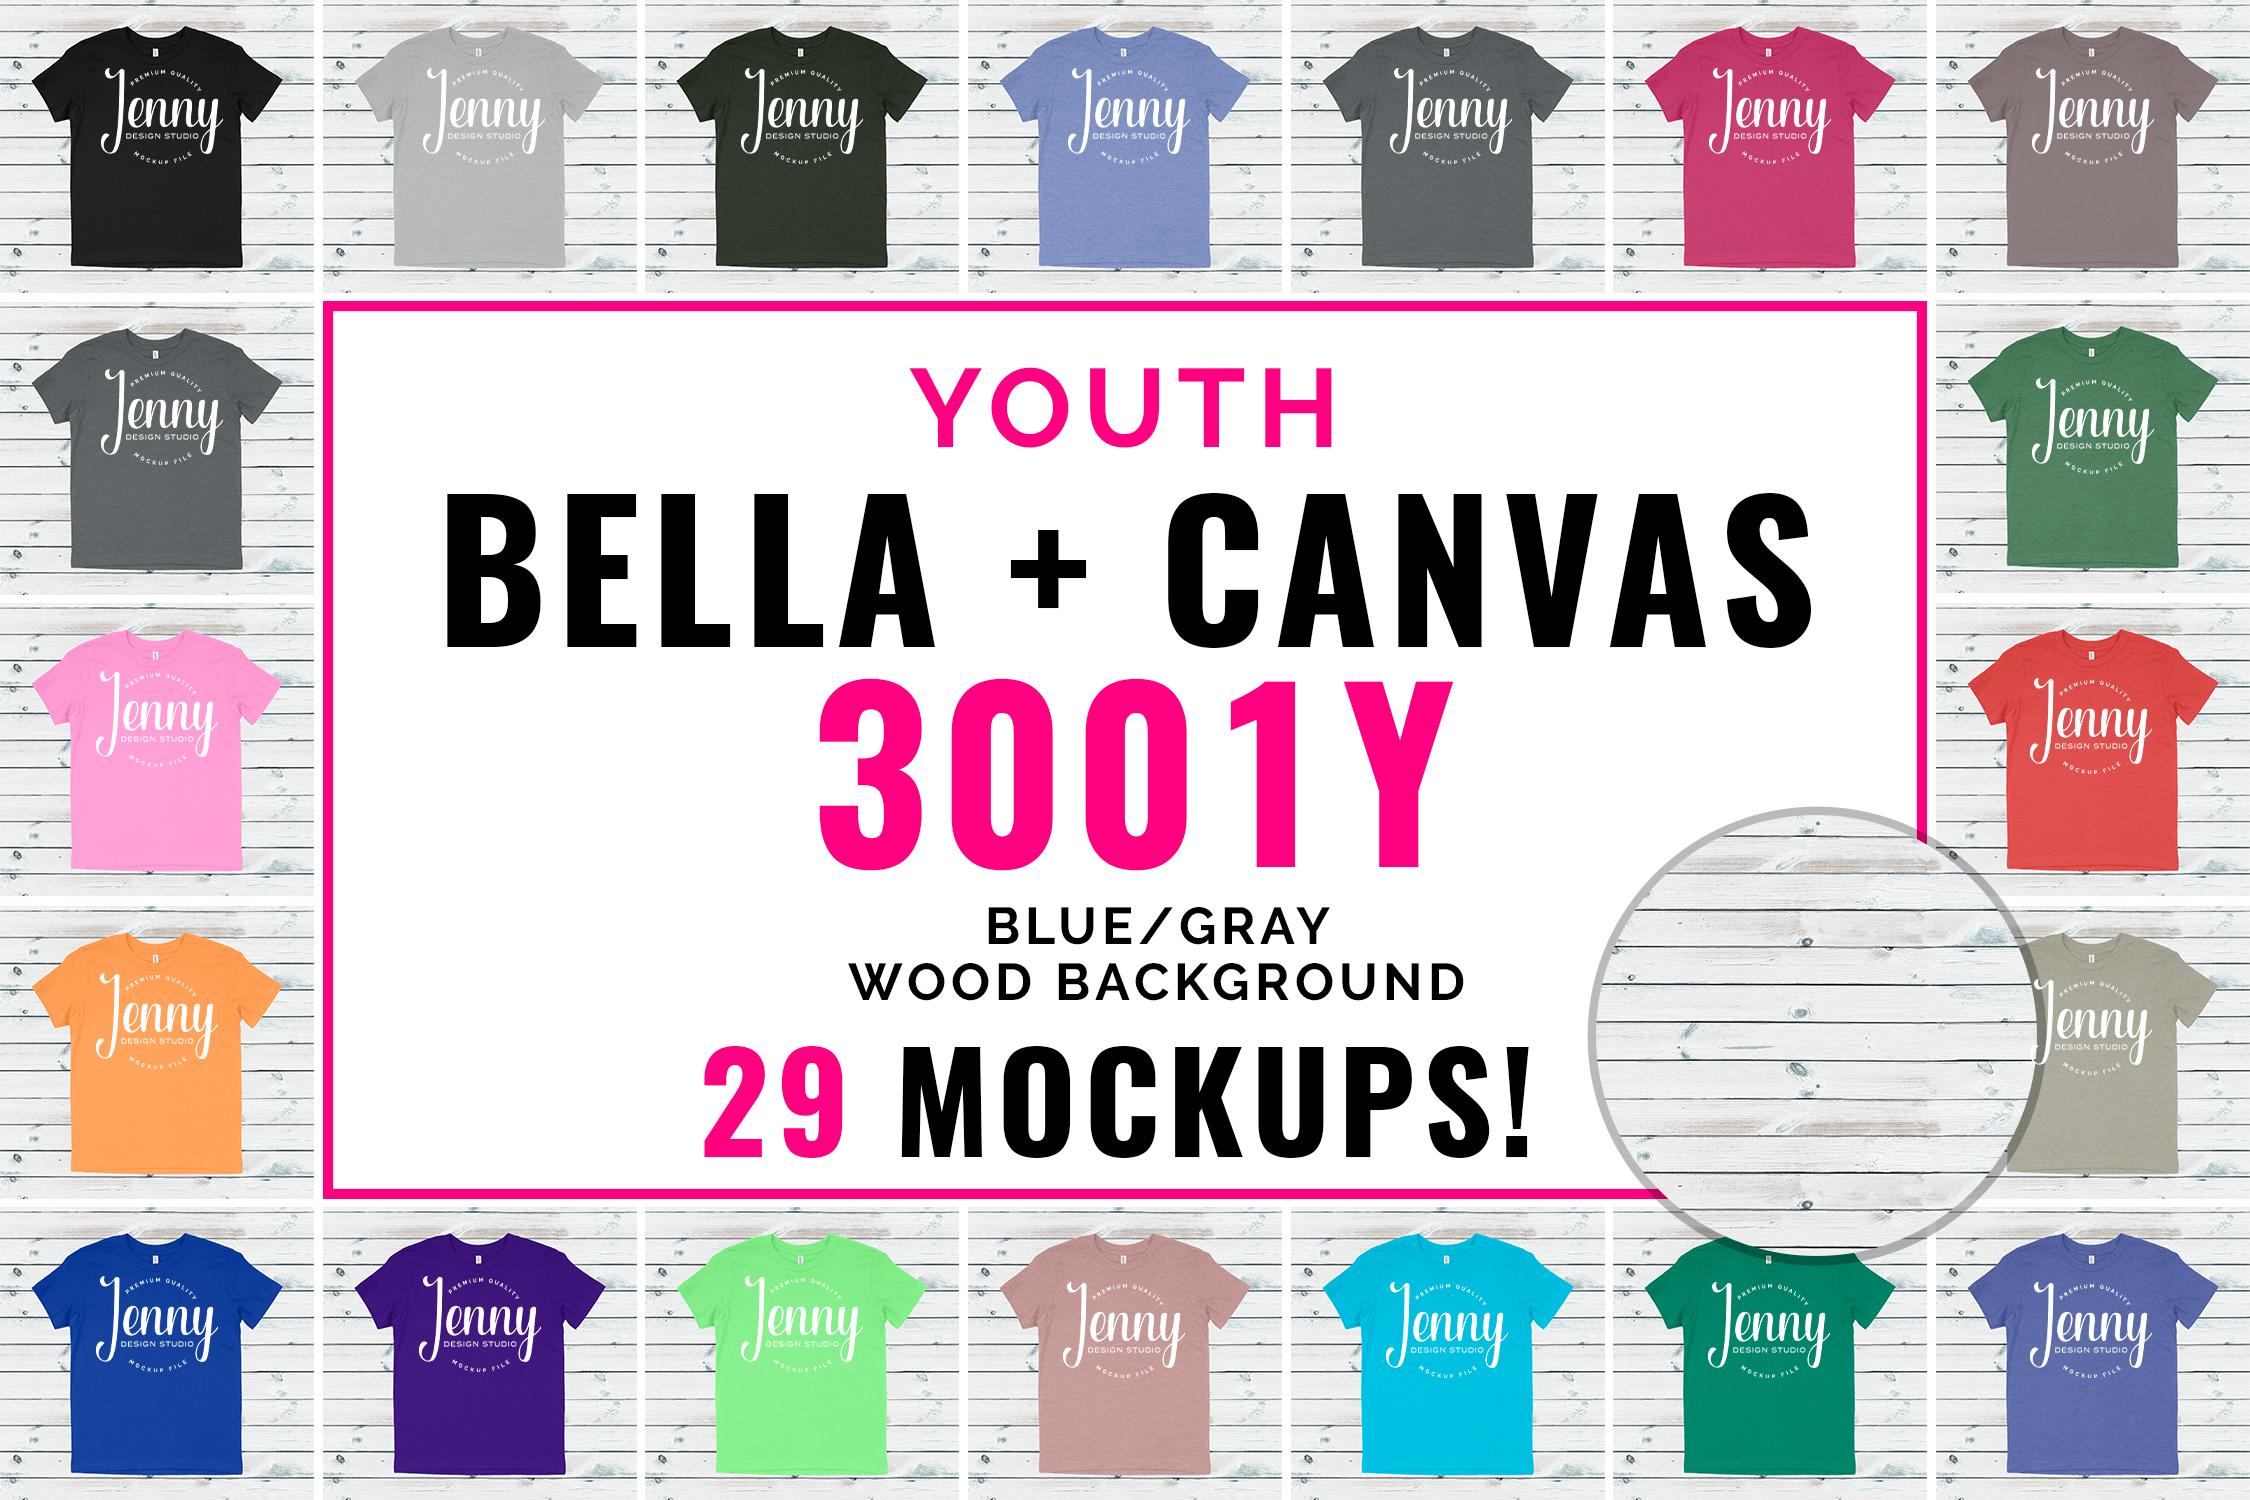 Bella Canvas 3001Y Youth Unisex Mockup Bundle example image 1